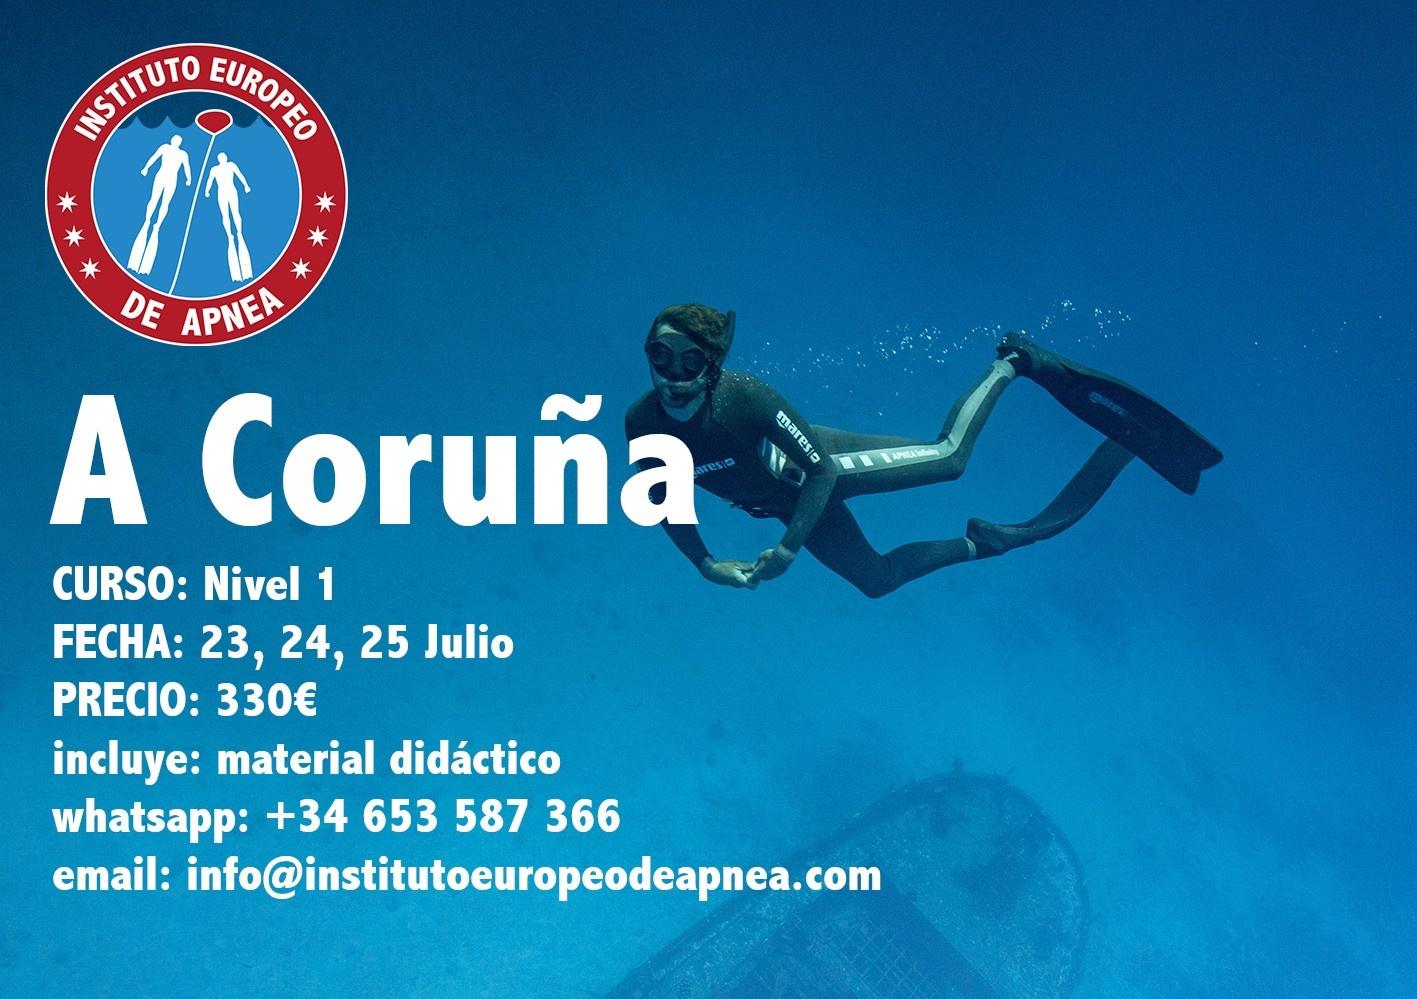 Curso de apnea en A Coruña